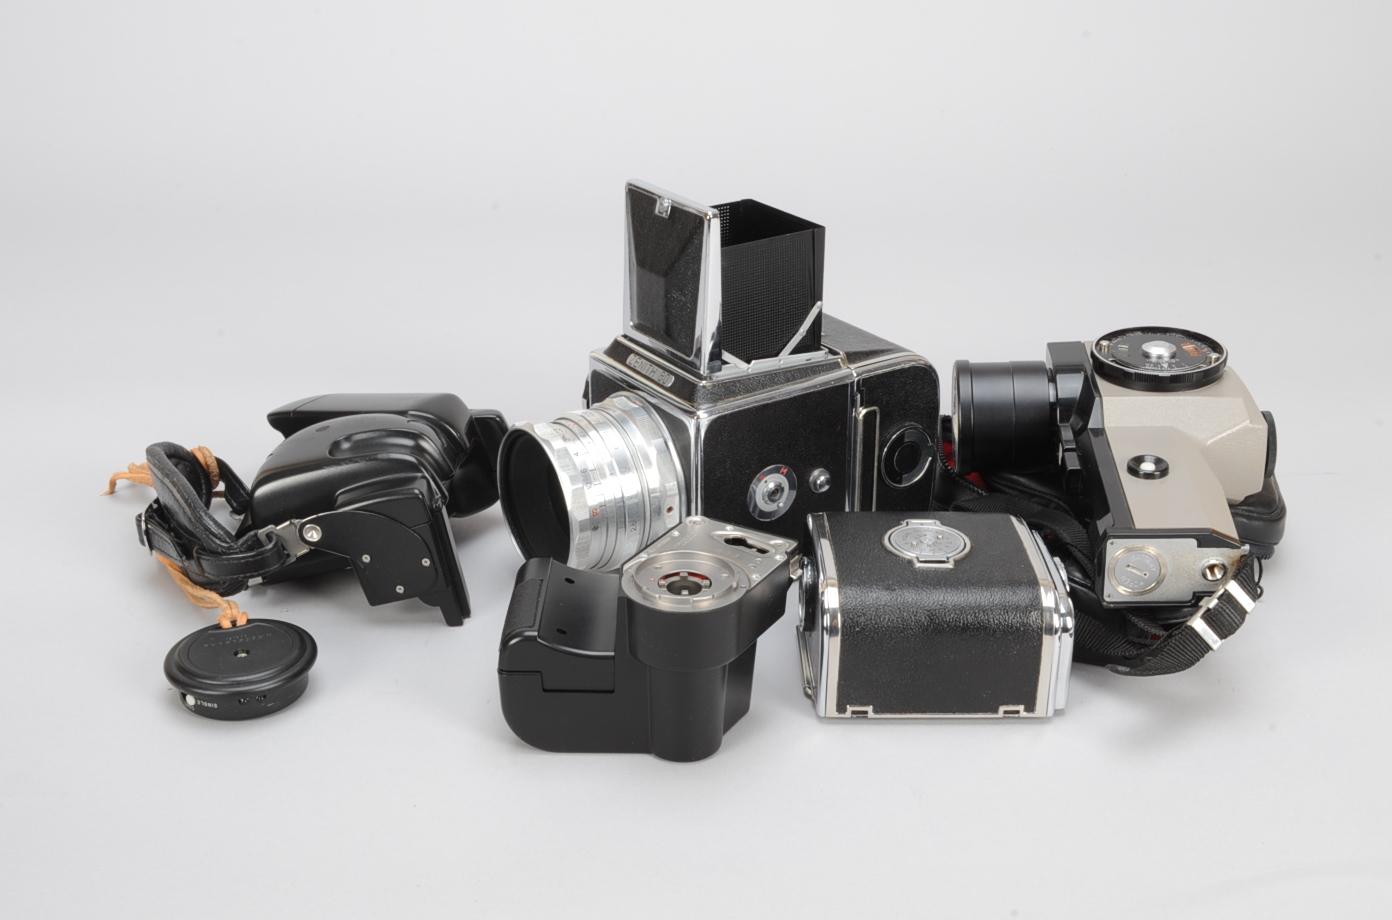 Lot 11 - A Zenith 80 Roll Film SLR Camera, shutter not firing, with an Industar-29 80mm f/2.8 lens, waist-